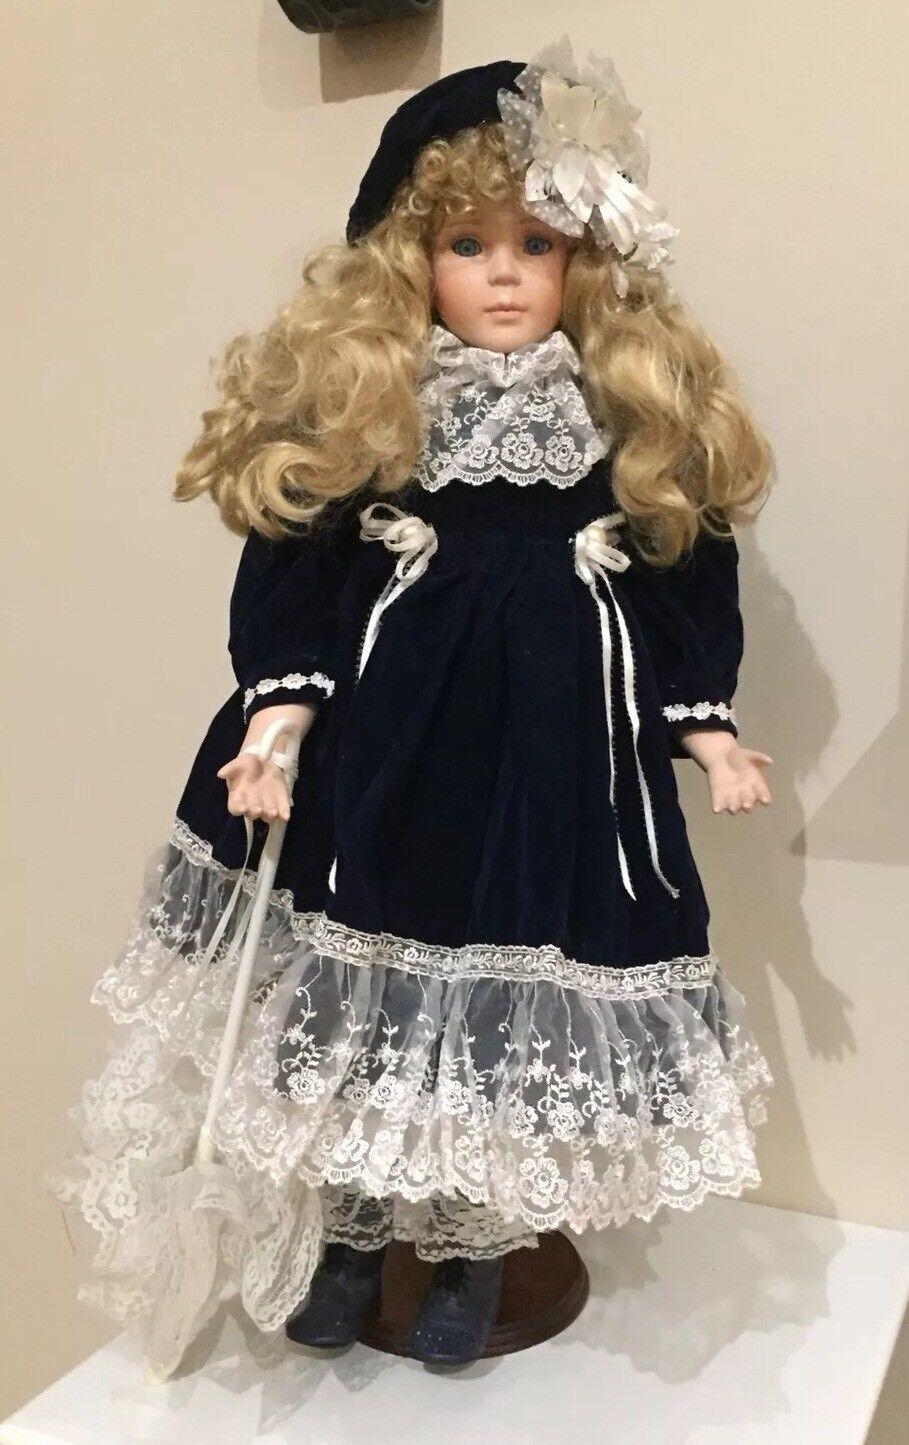 Ttutti Porcelain  bambola Vintage with umbrella e ste 28  ttutti Collectors edizione  profitto zero